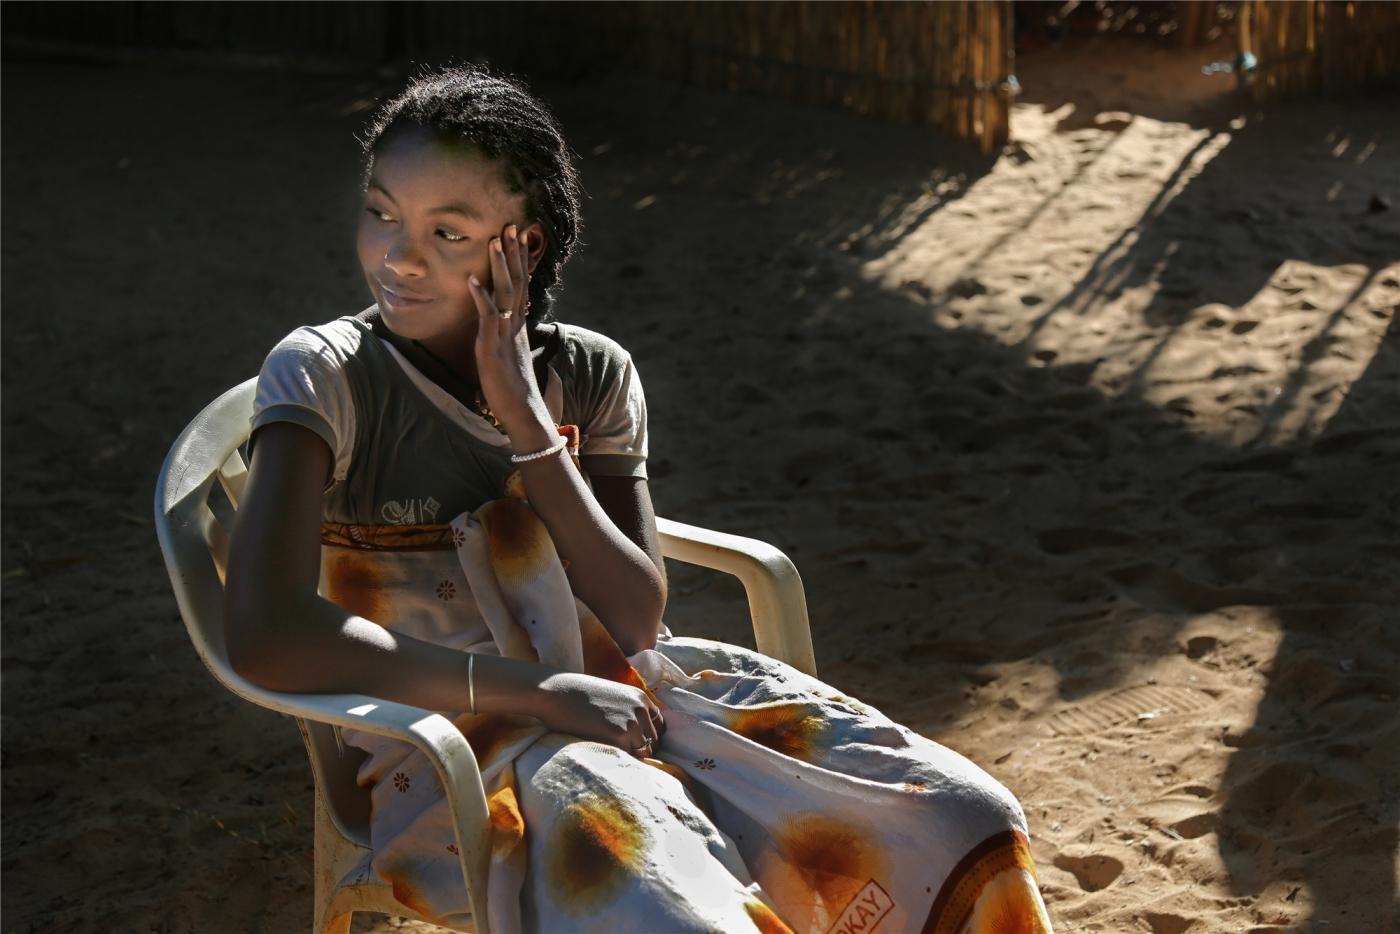 【原创实拍】黑色脸谱  ——行摄南部非洲(人像篇)_图1-40